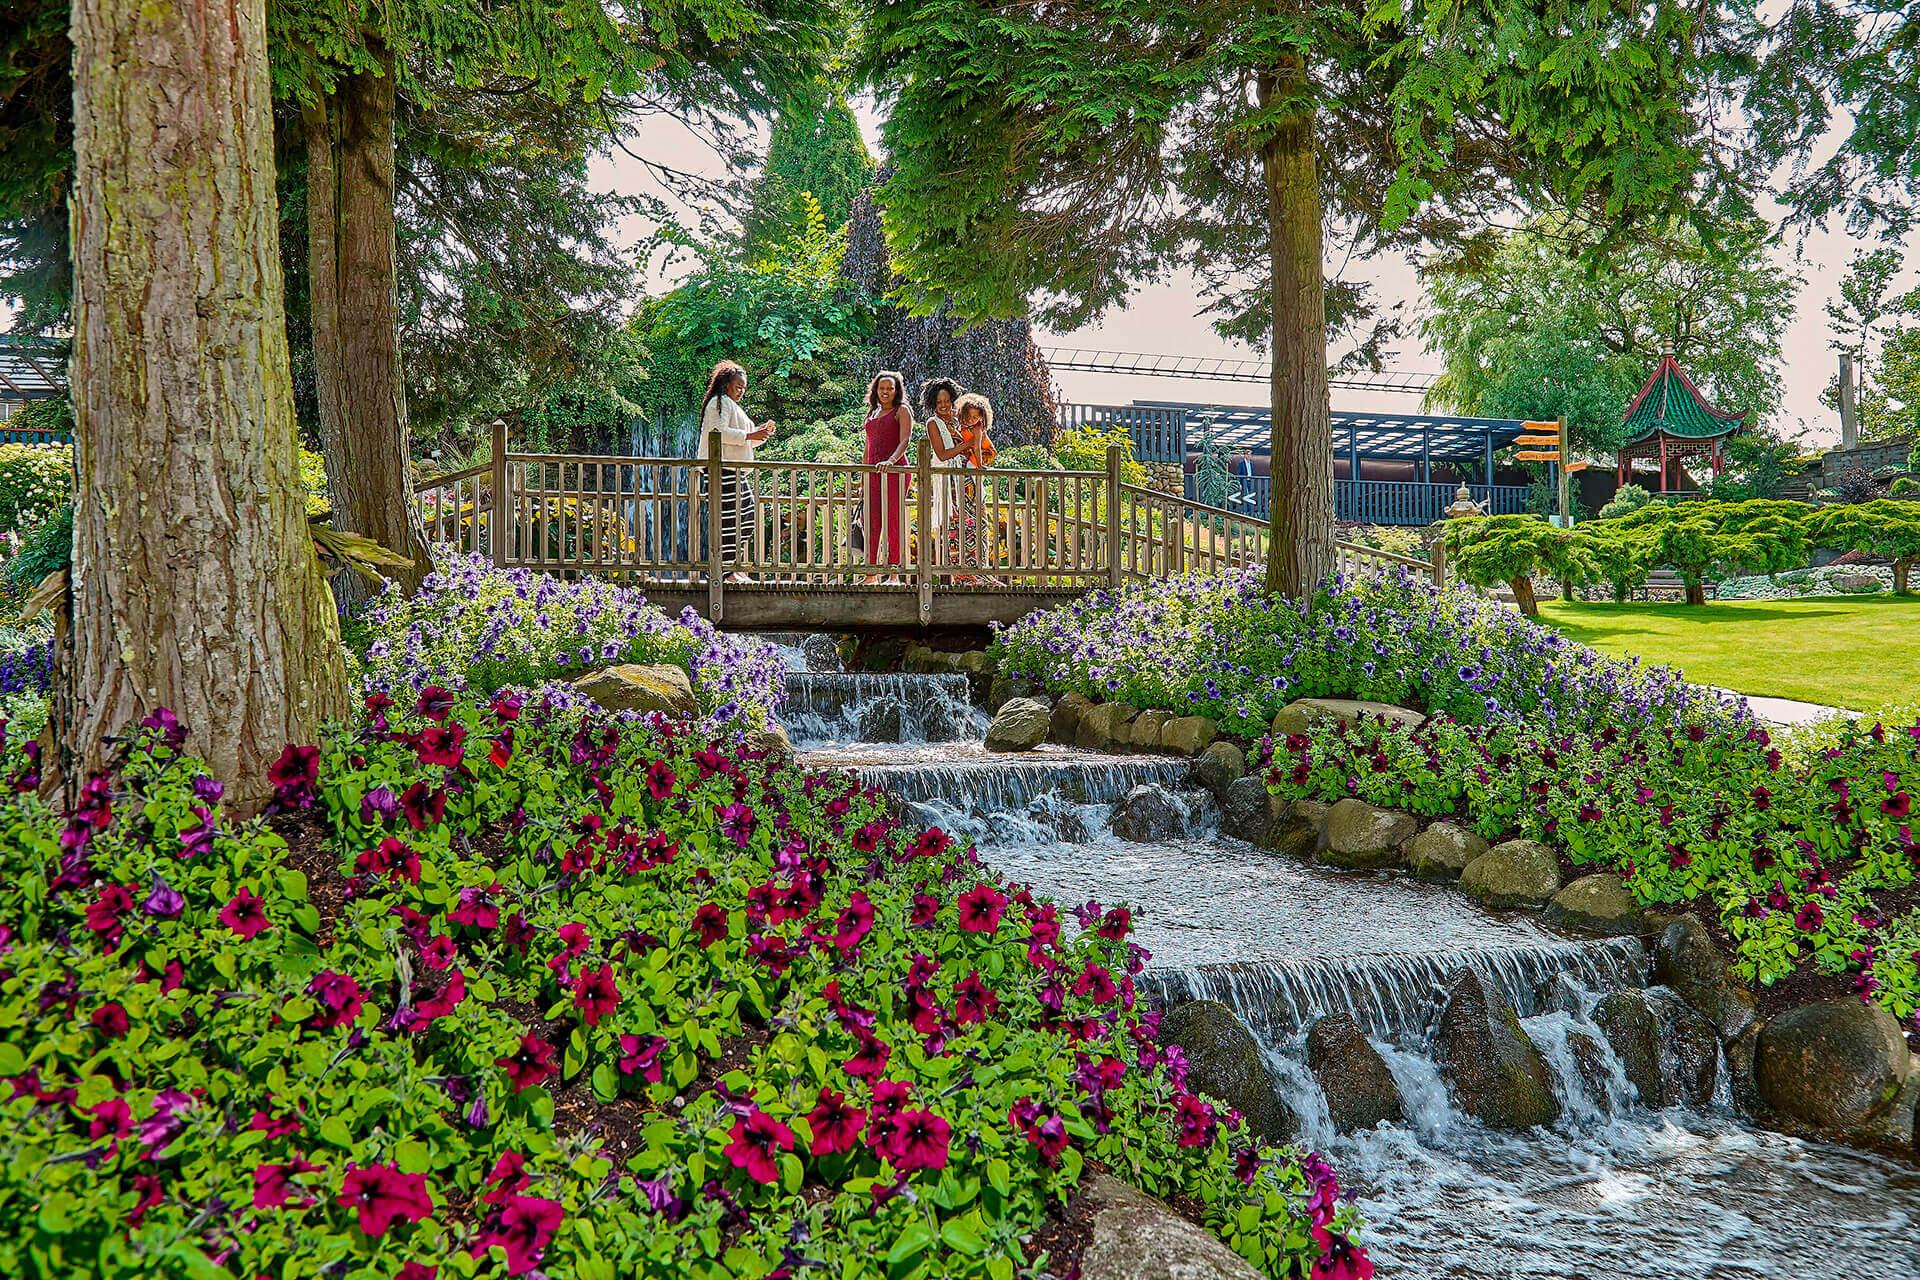 jesperhus blomsterpark åbningstider